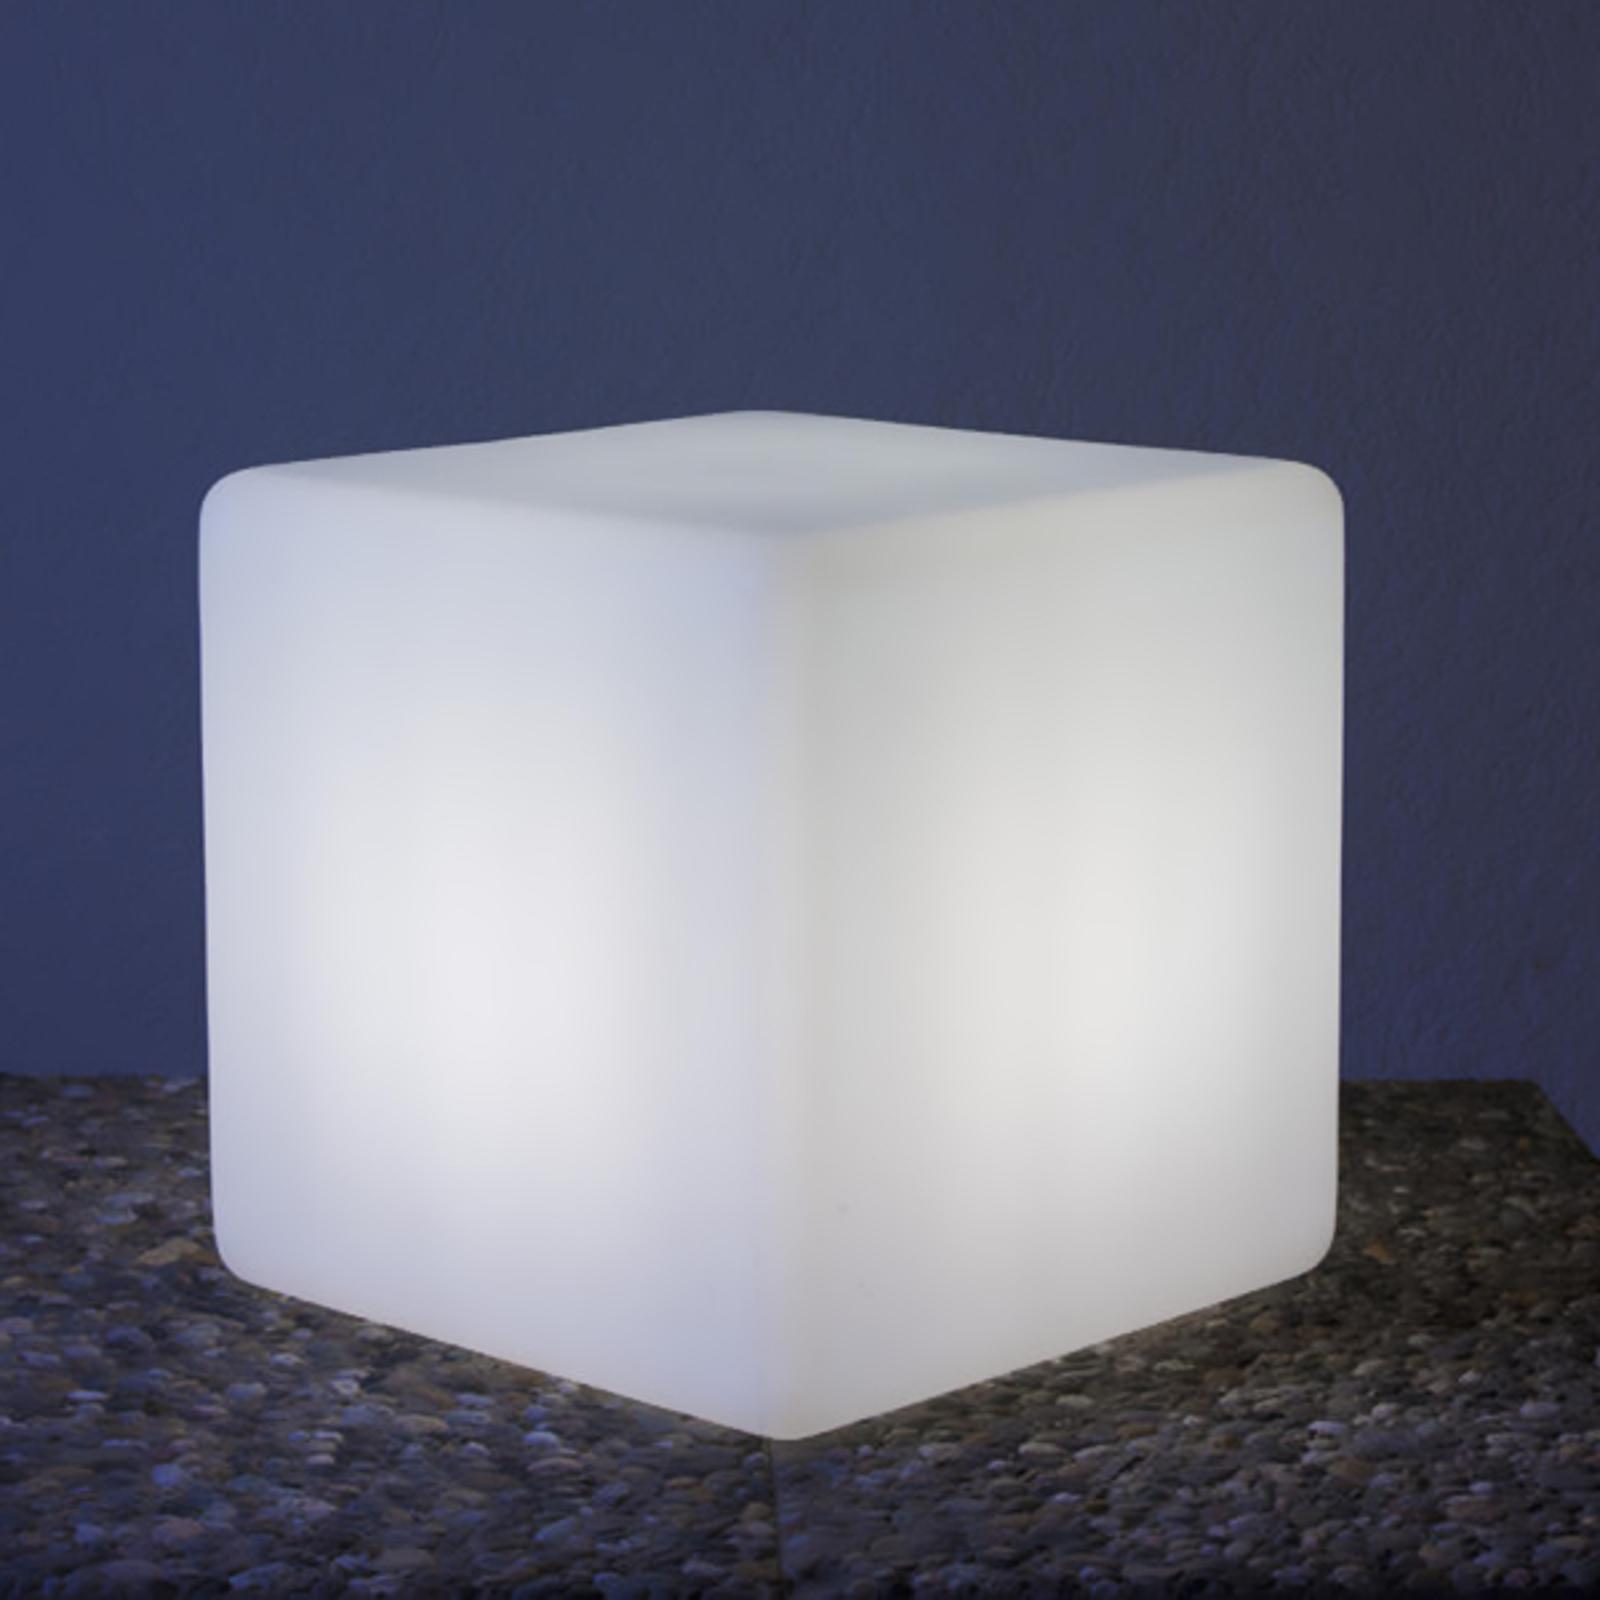 Korkealuokkainen Cube-kuutiovalaisin, 35 cm